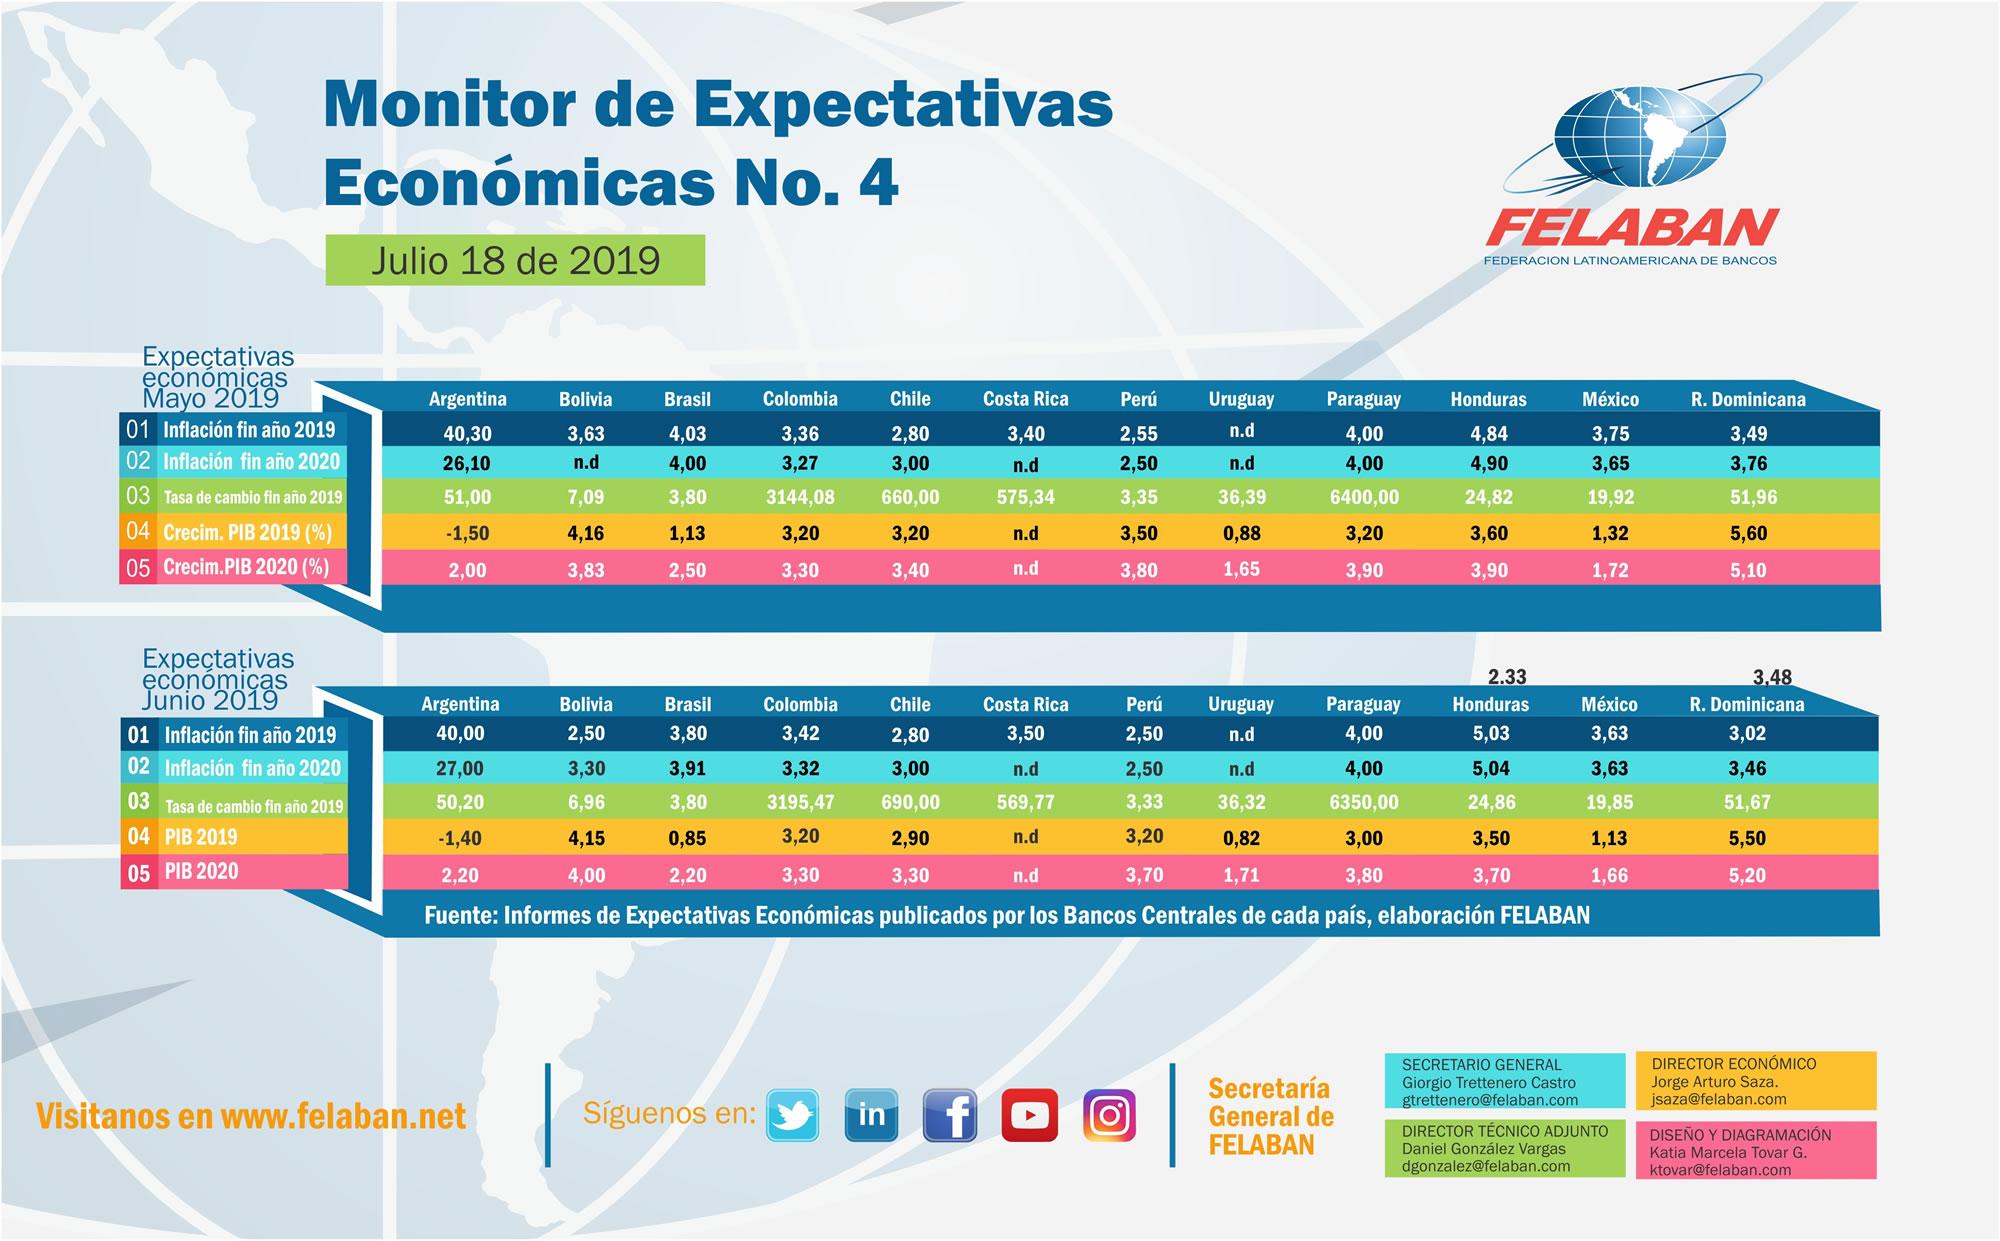 Expectativas Económicas Nro 4